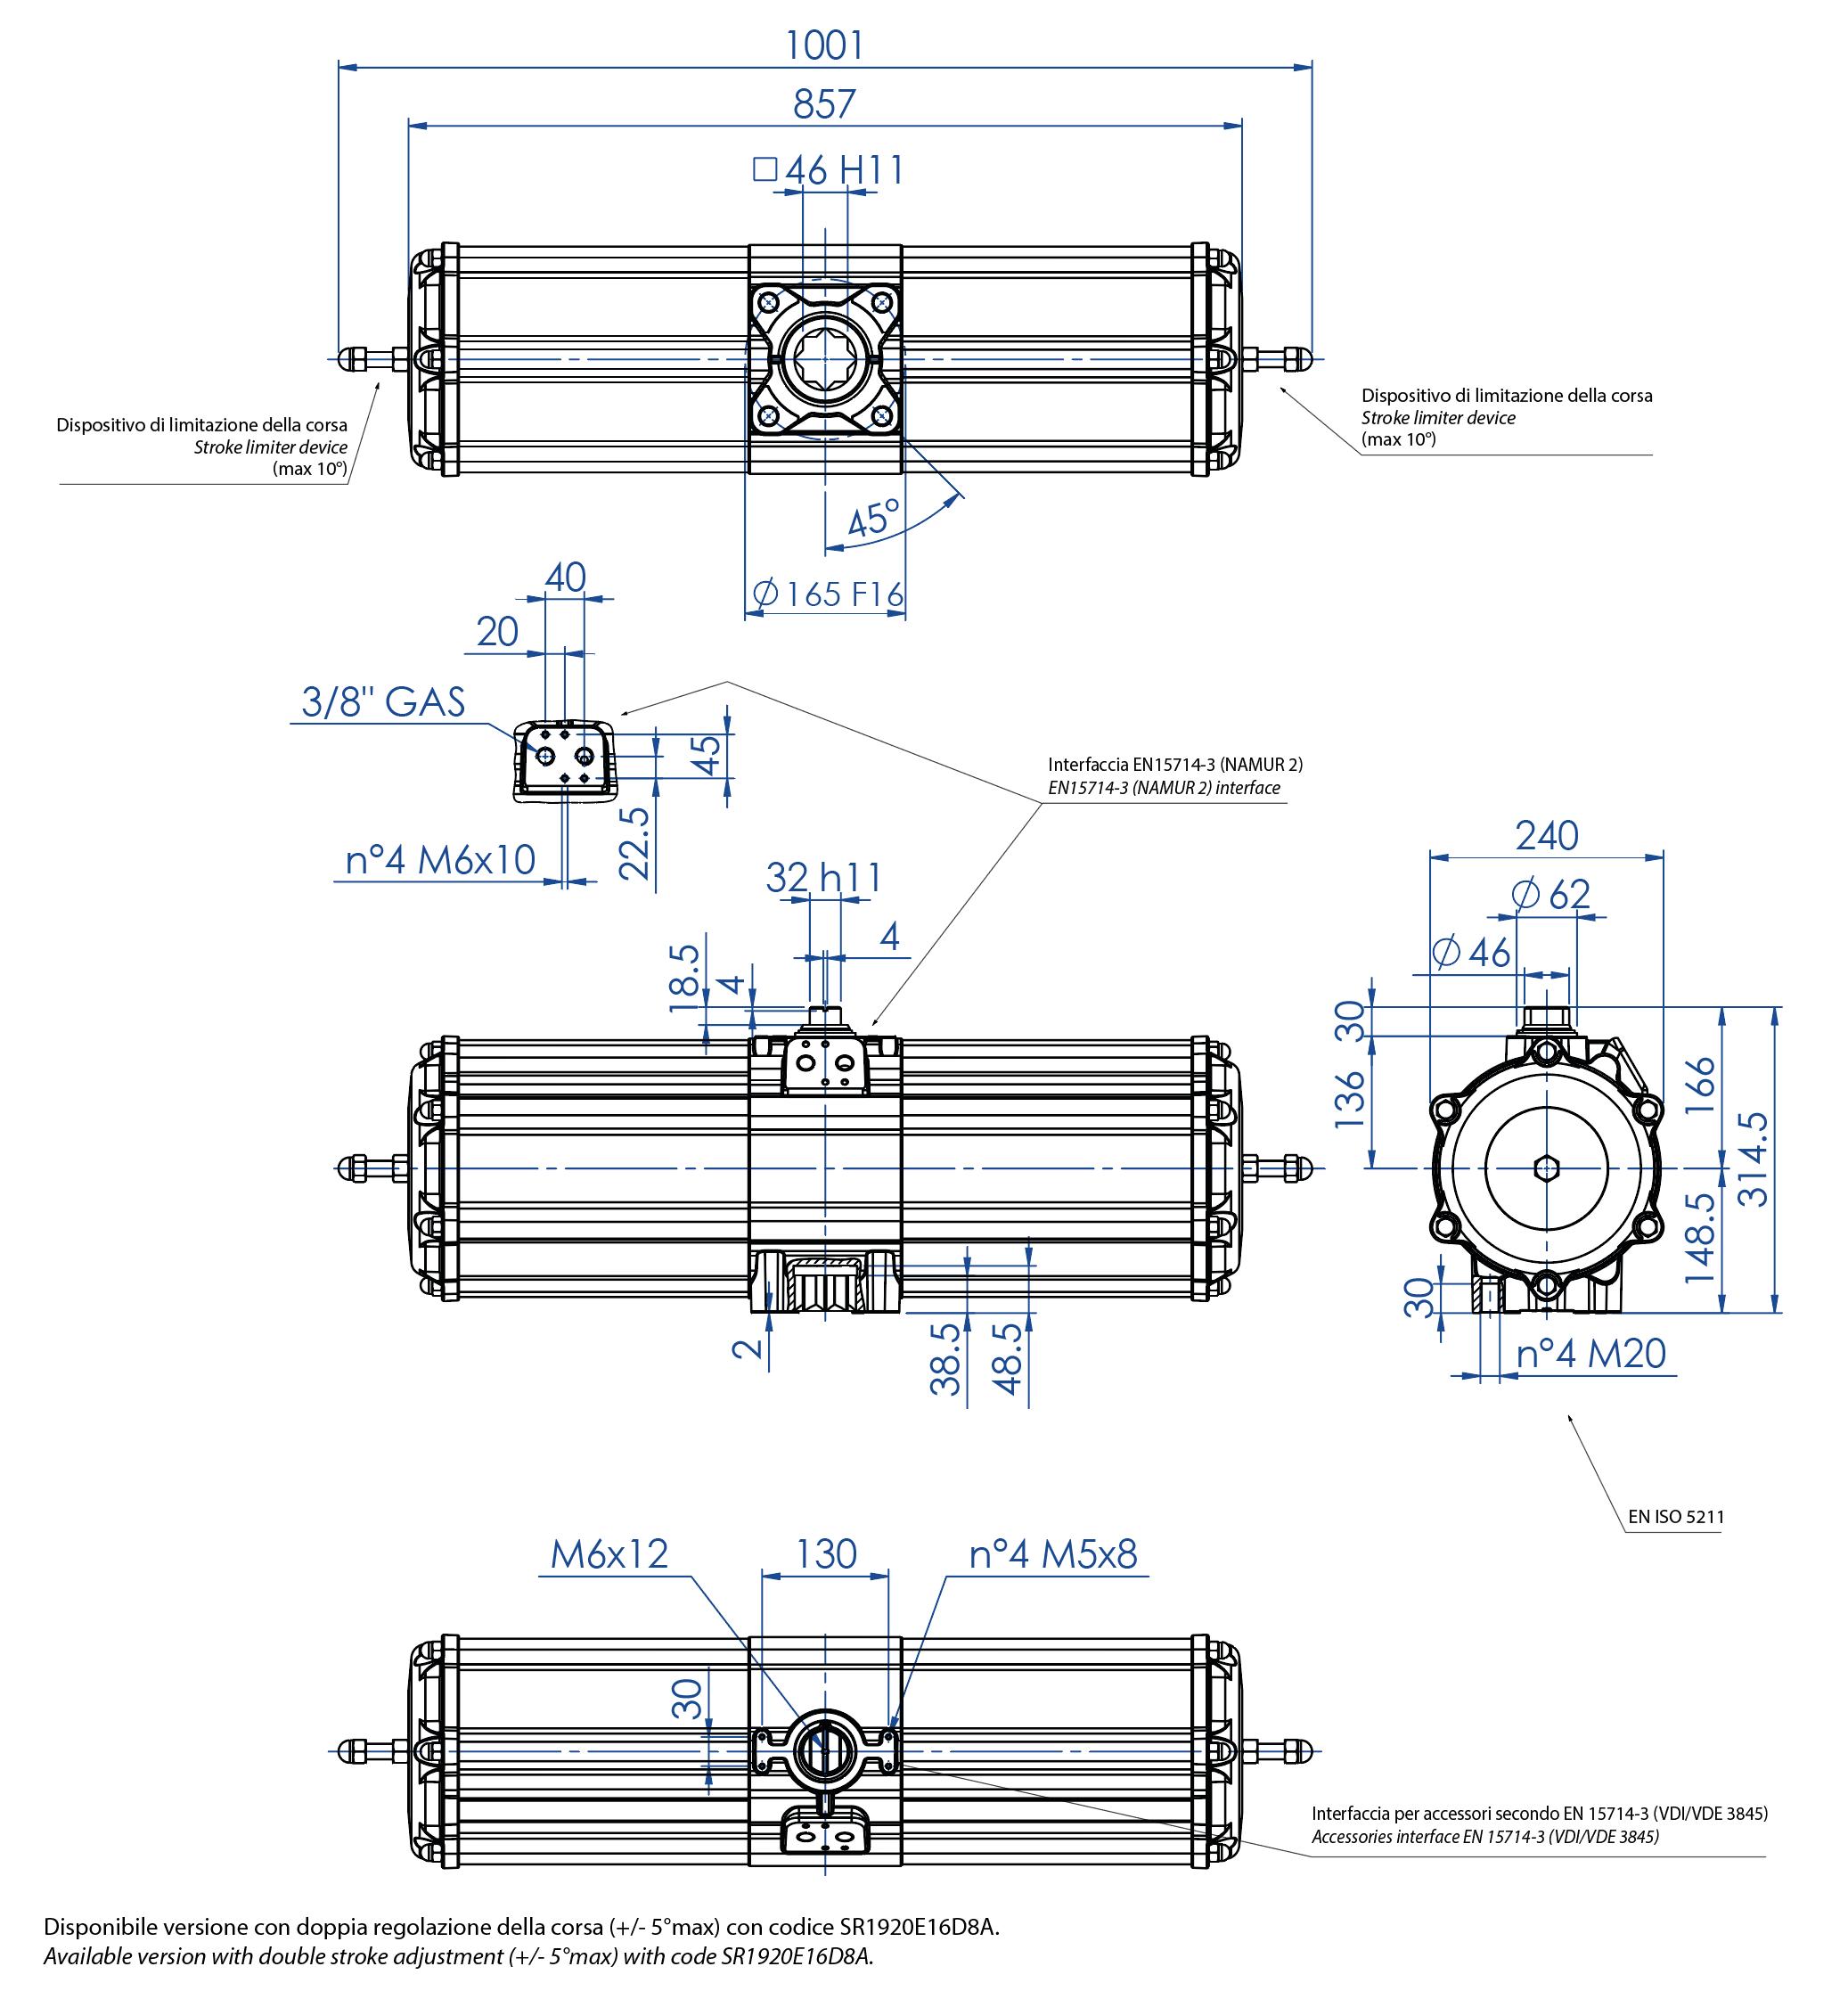 Attuatore pneumatico semplice effetto GS in alluminio - dimensioni - Attuatore pneumatico semplice effetto misura GS1920 (Nm)